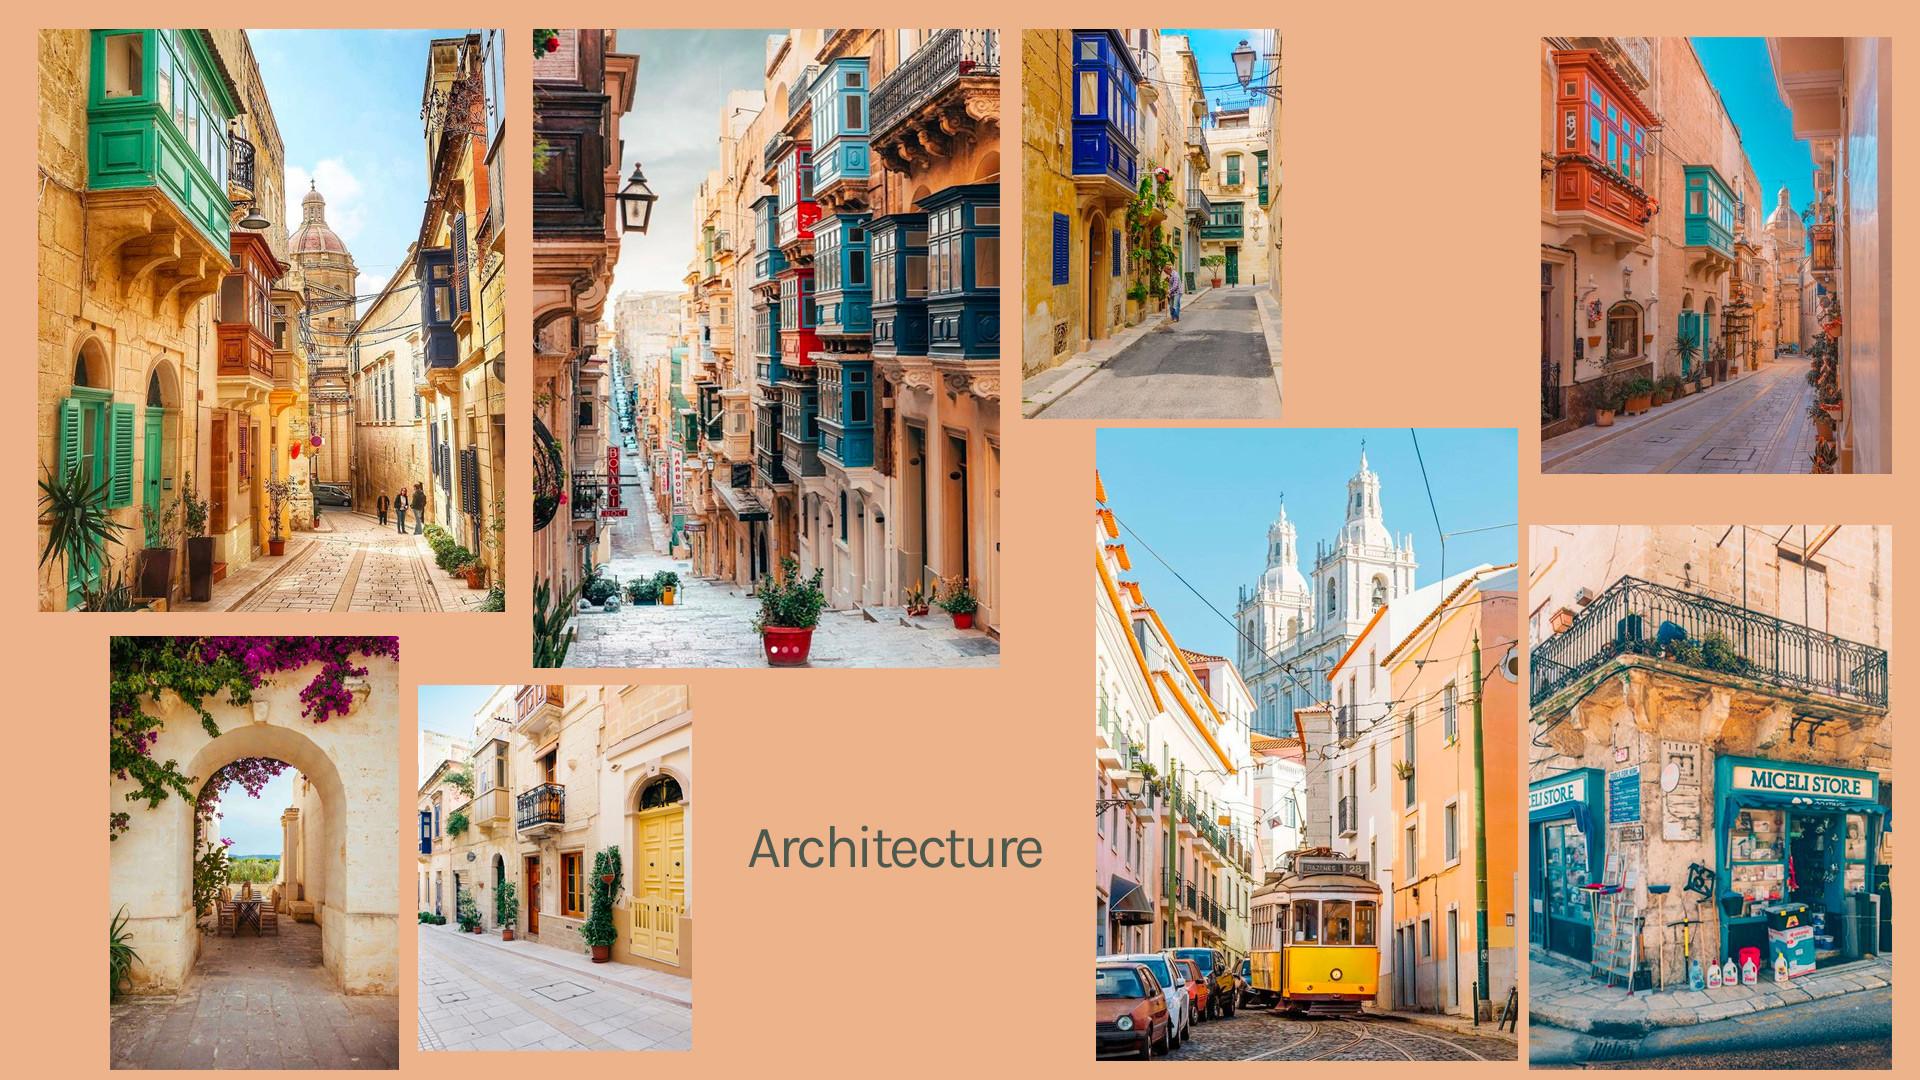 architecture.jpg.111946b8f6ab9d63a0e5dfe208e3a98a.jpg